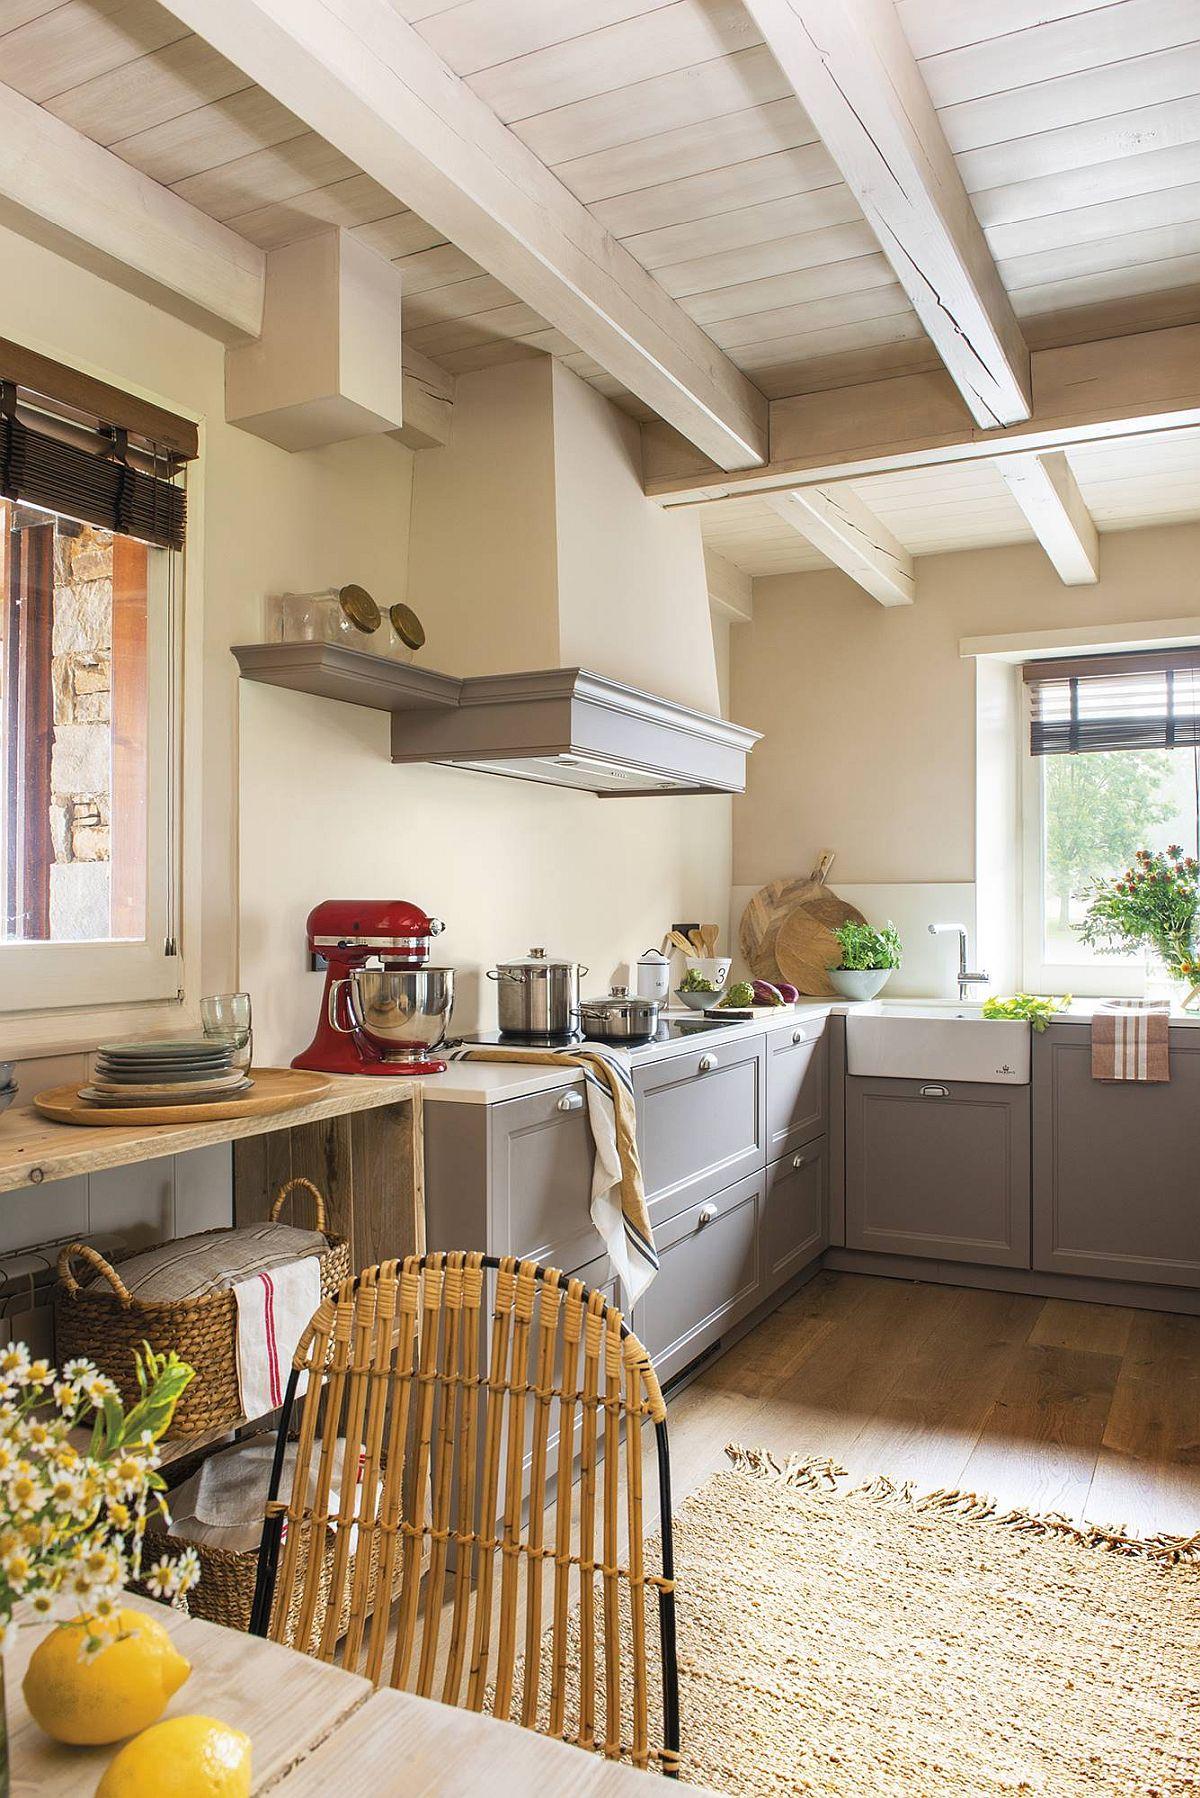 Fostul hol al casei a fost adaptat pentru bucătărie, gîndită fără corpuri suspendate din cauza prezenței ferestrelor. Ca atare, arhitecții au prevăzut o hotă decorativă care să marcheze aerul rustic. Partea modernă survine la nivelul blatului și placării pereților cu același material compozit pentru a crea suprafețe simple, curate, ordonate.